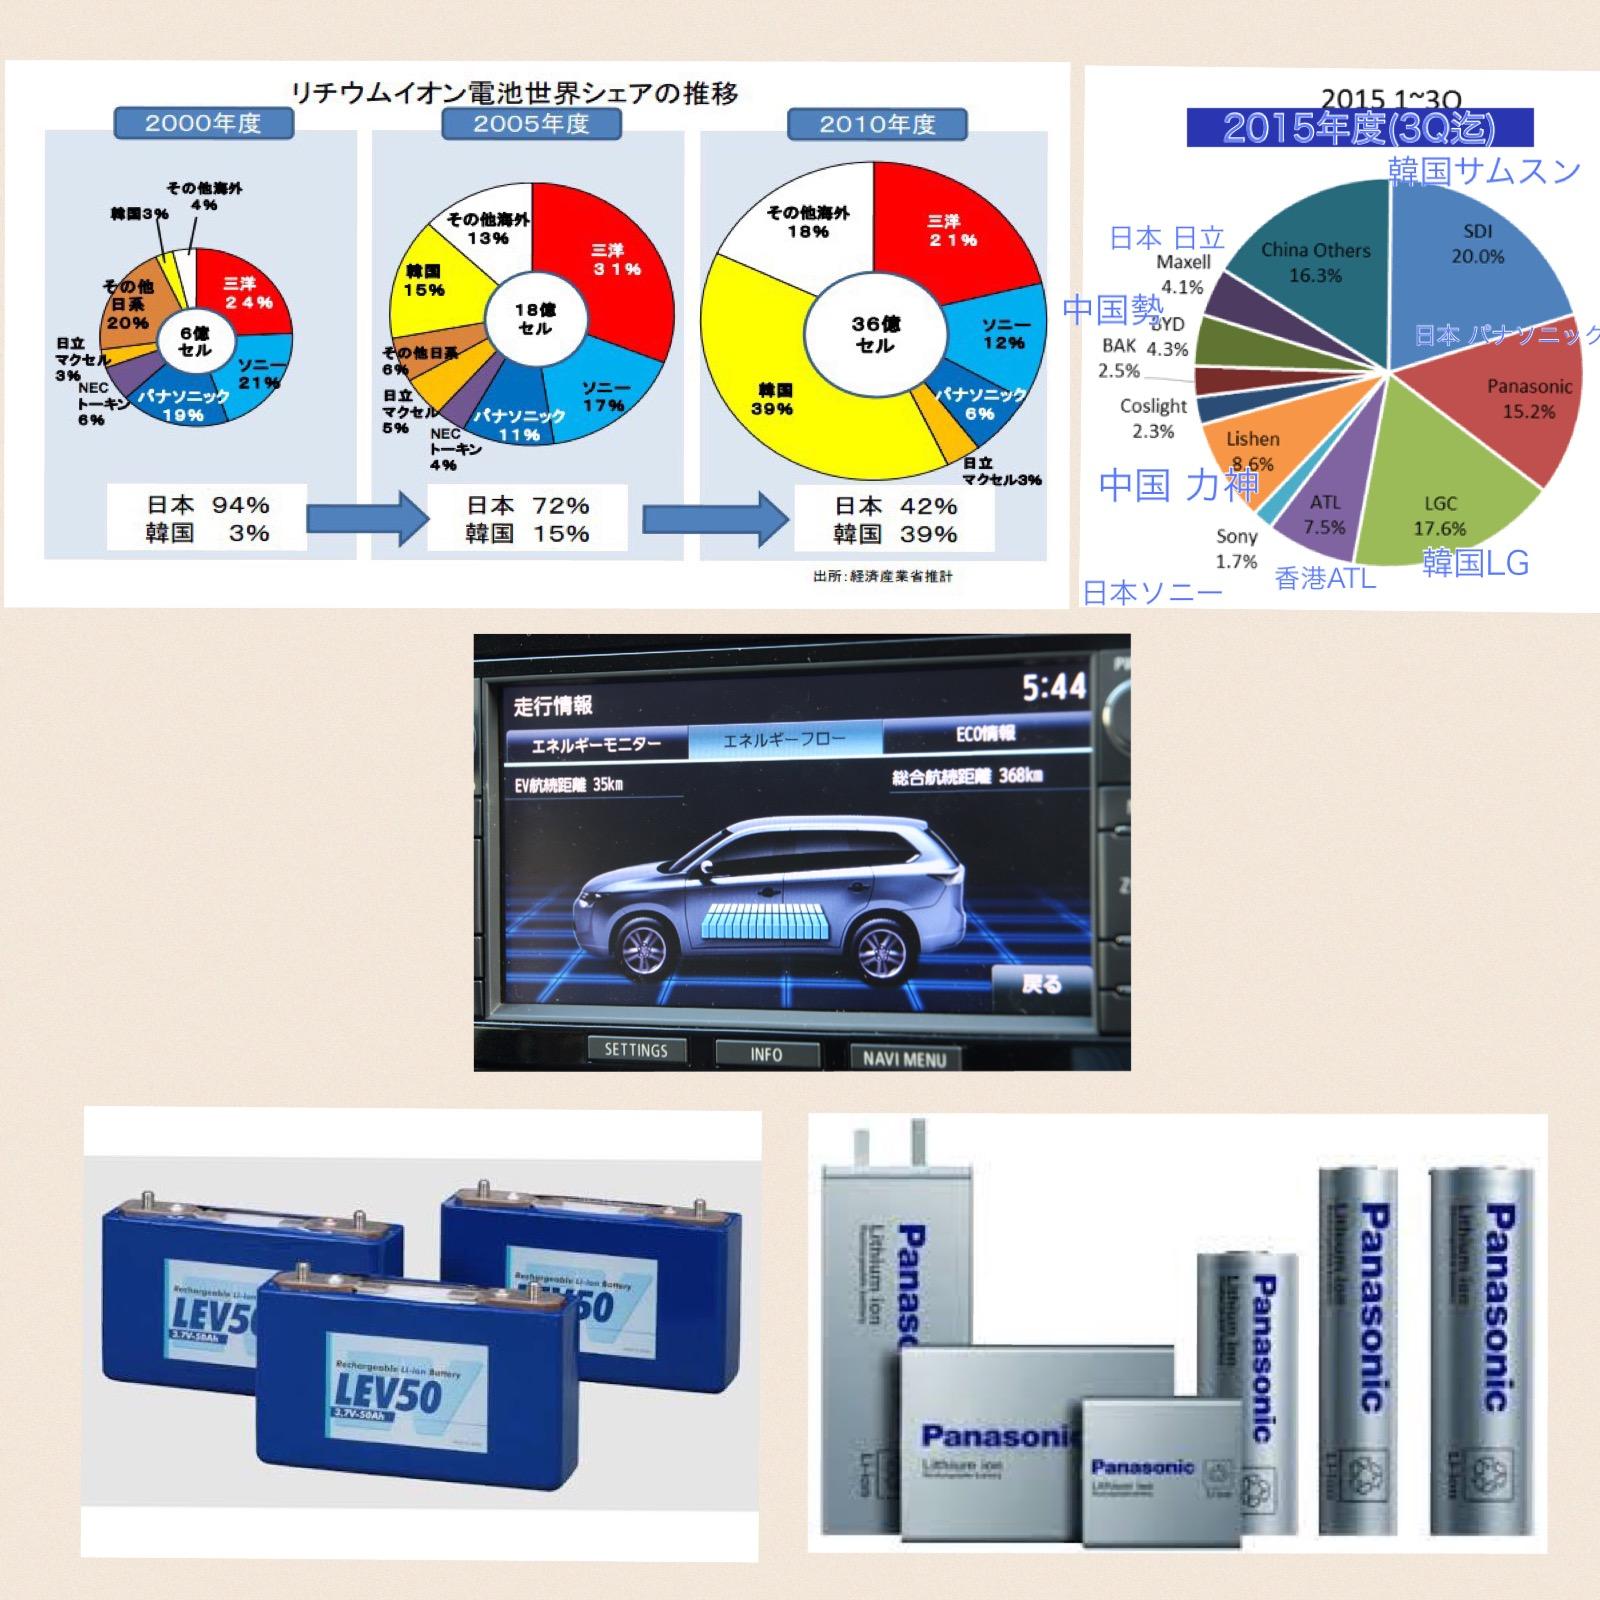 世界リチウムイオン電池メーカーシェア